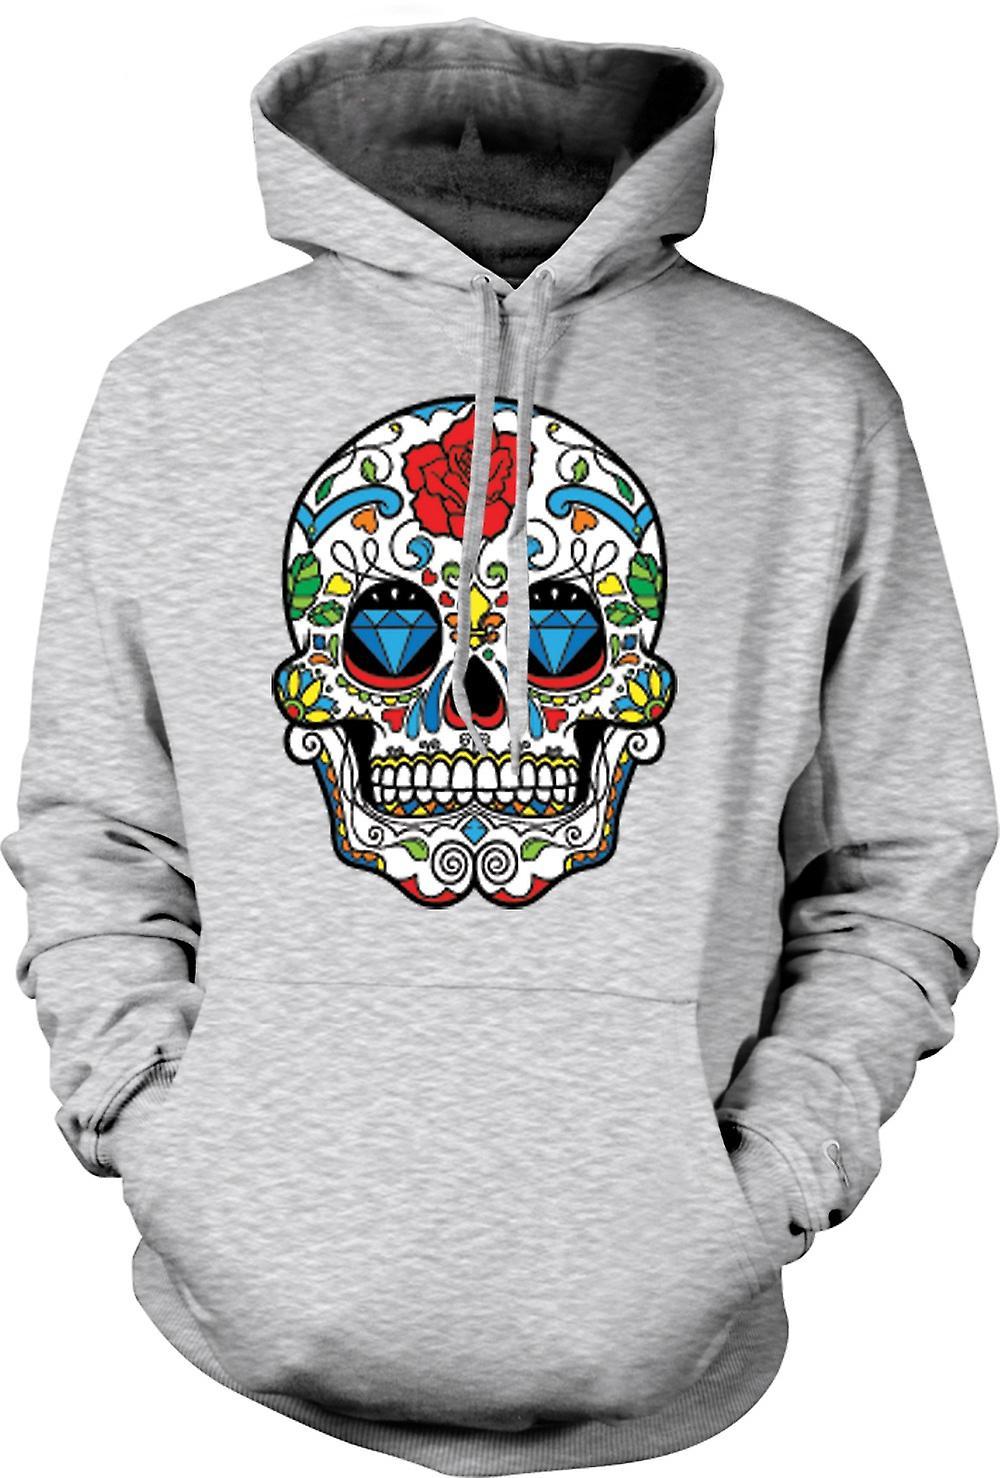 Mens Hoodie - Mexican Sugar Skull - Dia De Los Muertos